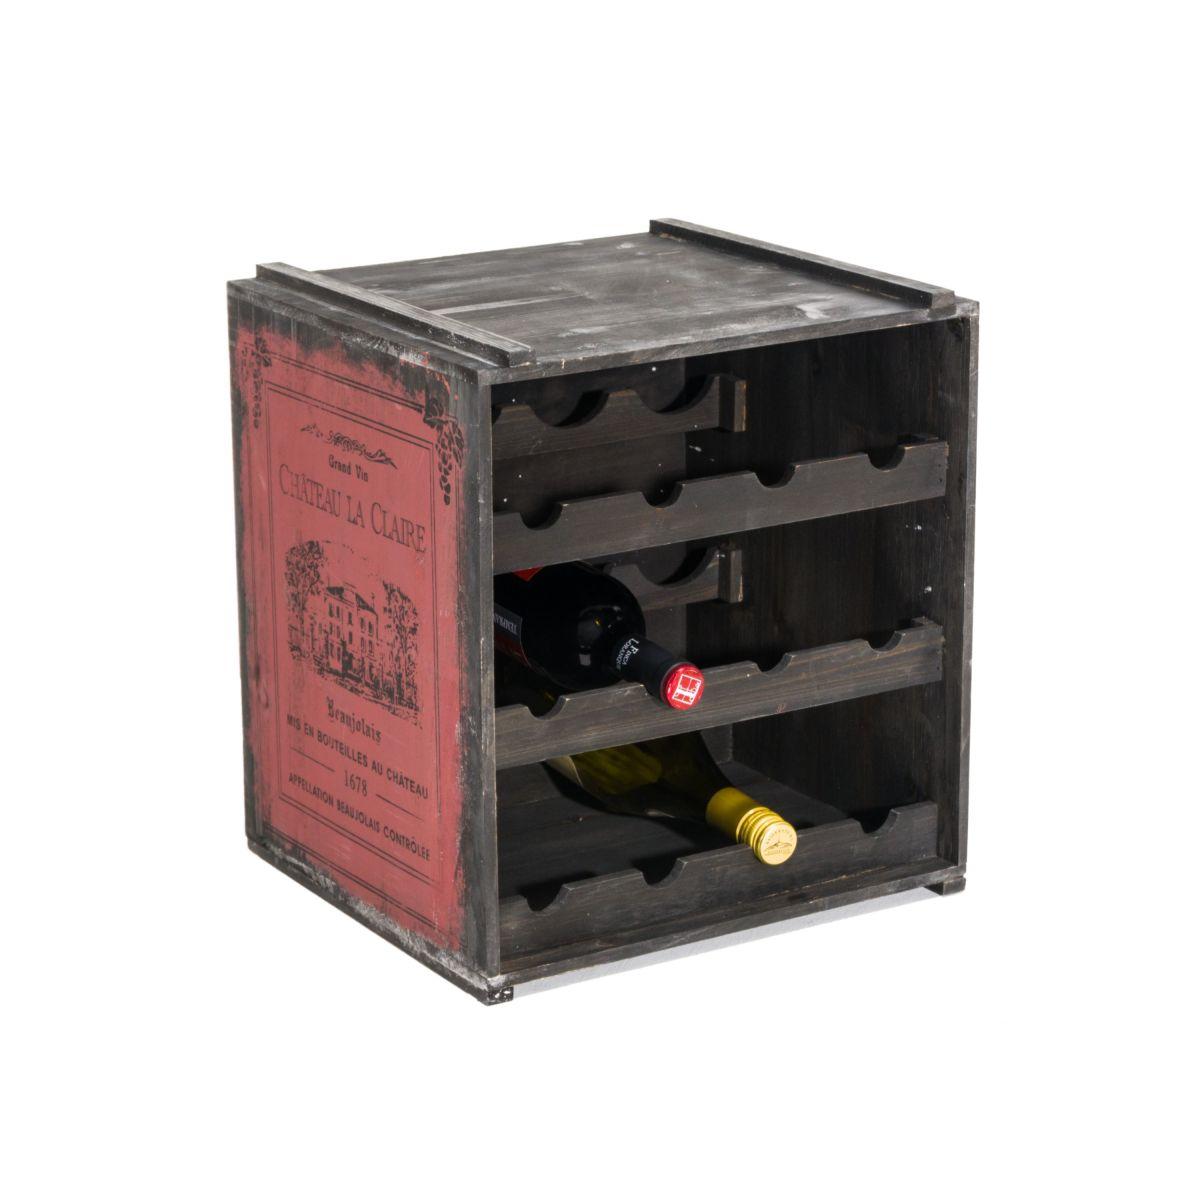 Weinregal Claire Stapelbar für 12 Flaschen Shabby Chic Holz ca. B36 x T32 x H39 cm